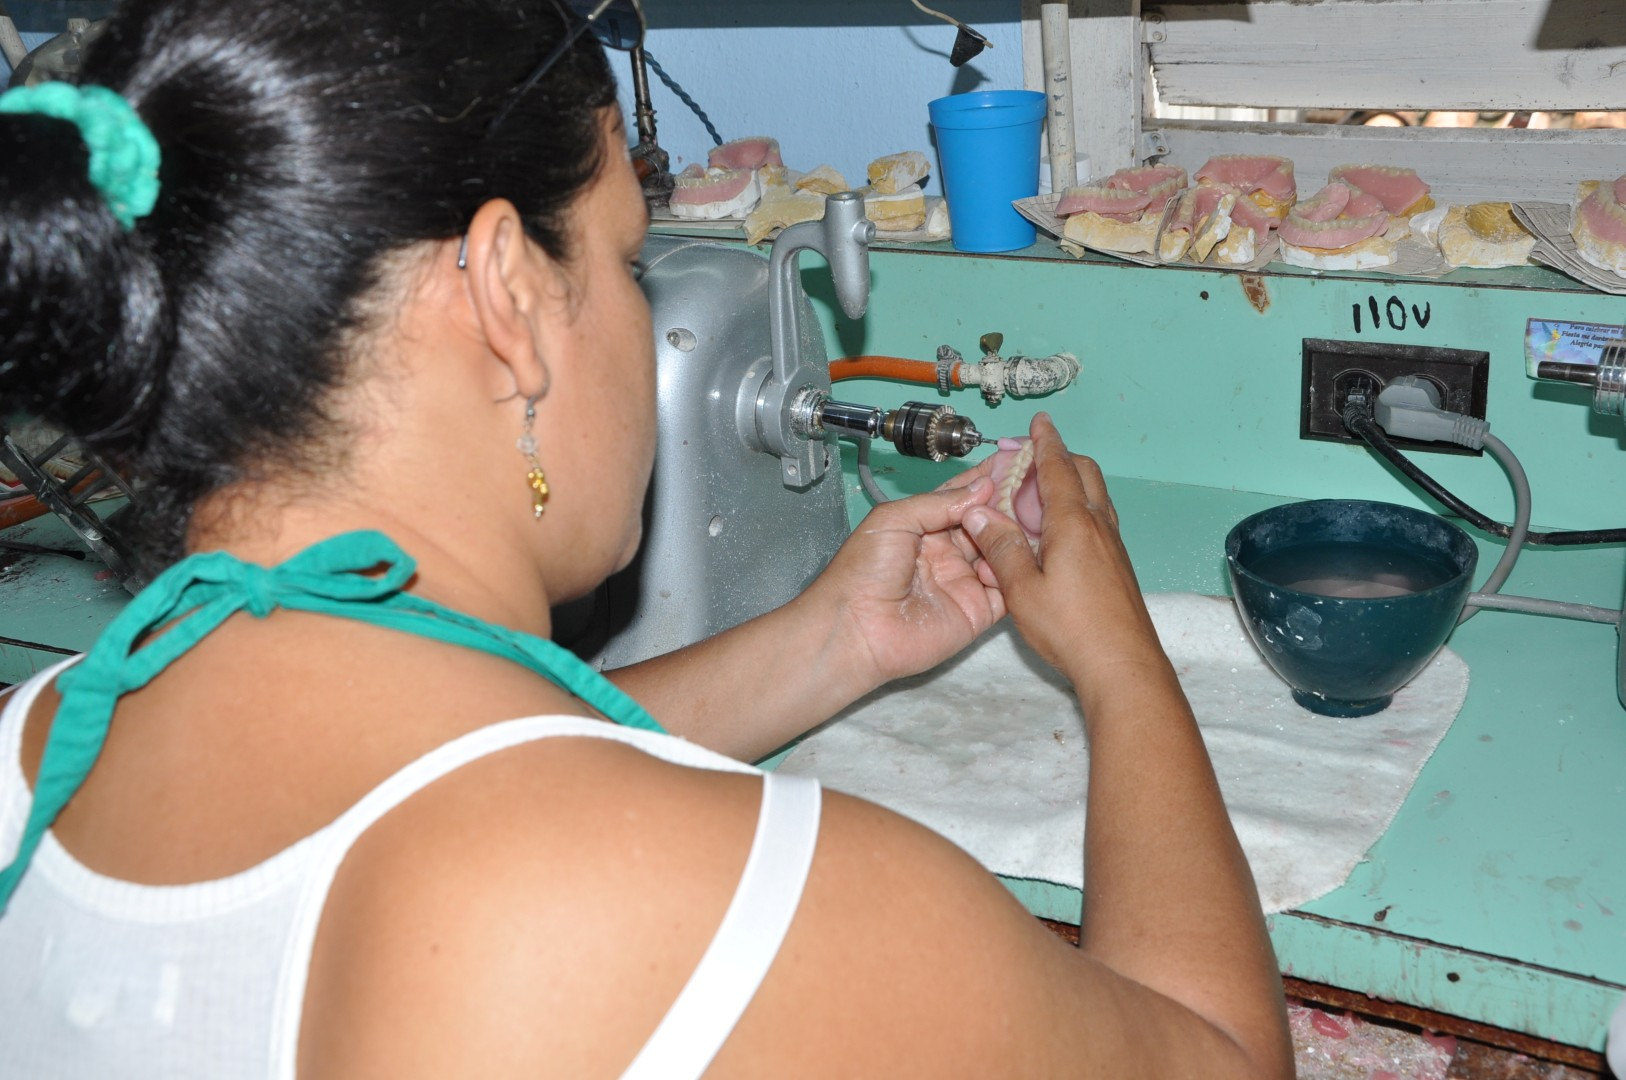 Los servicios de Prótesis y Ortodoncia llevan las marcas del bloqueo de Estados Unidos contra Cuba. (Foto Vicente Brito)